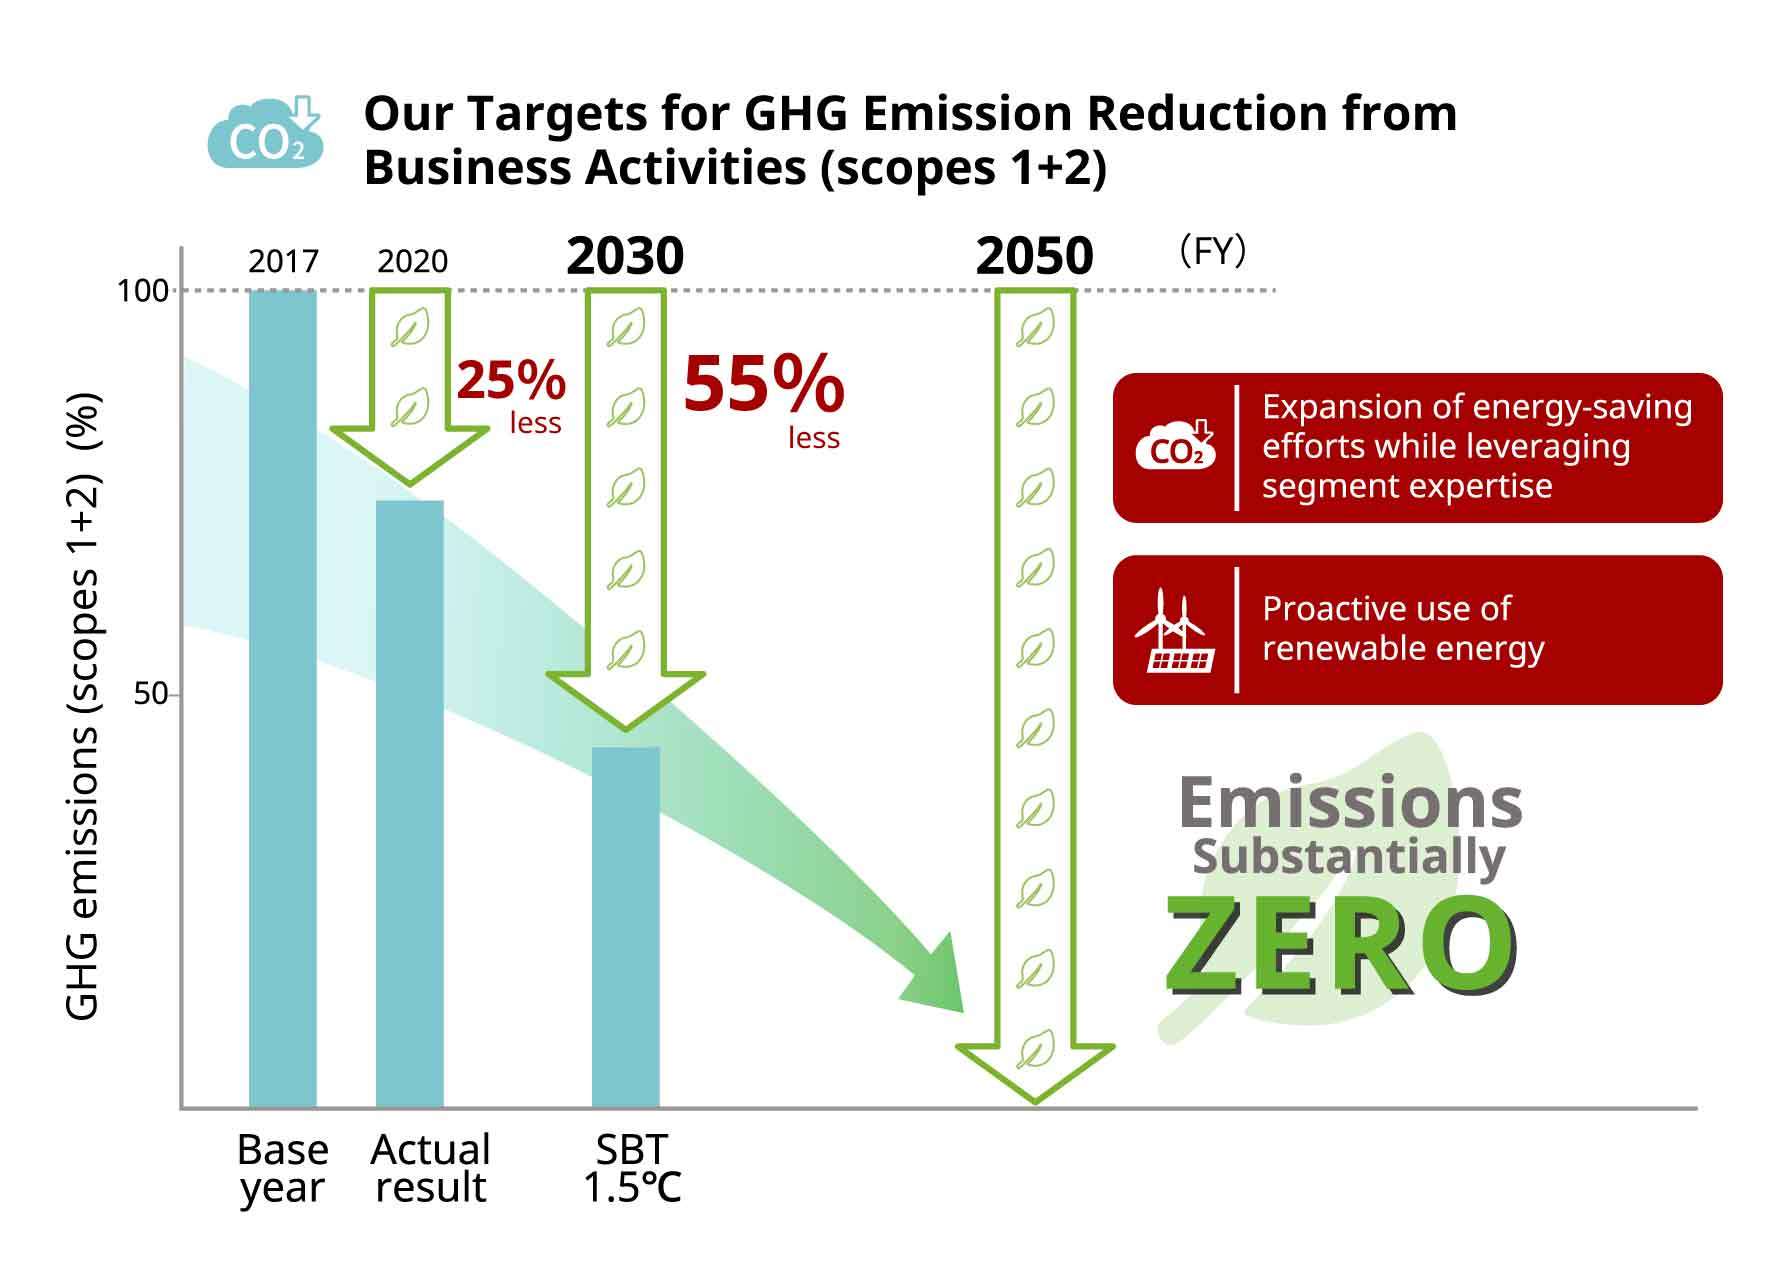 Targets for GHG Emission Reduction